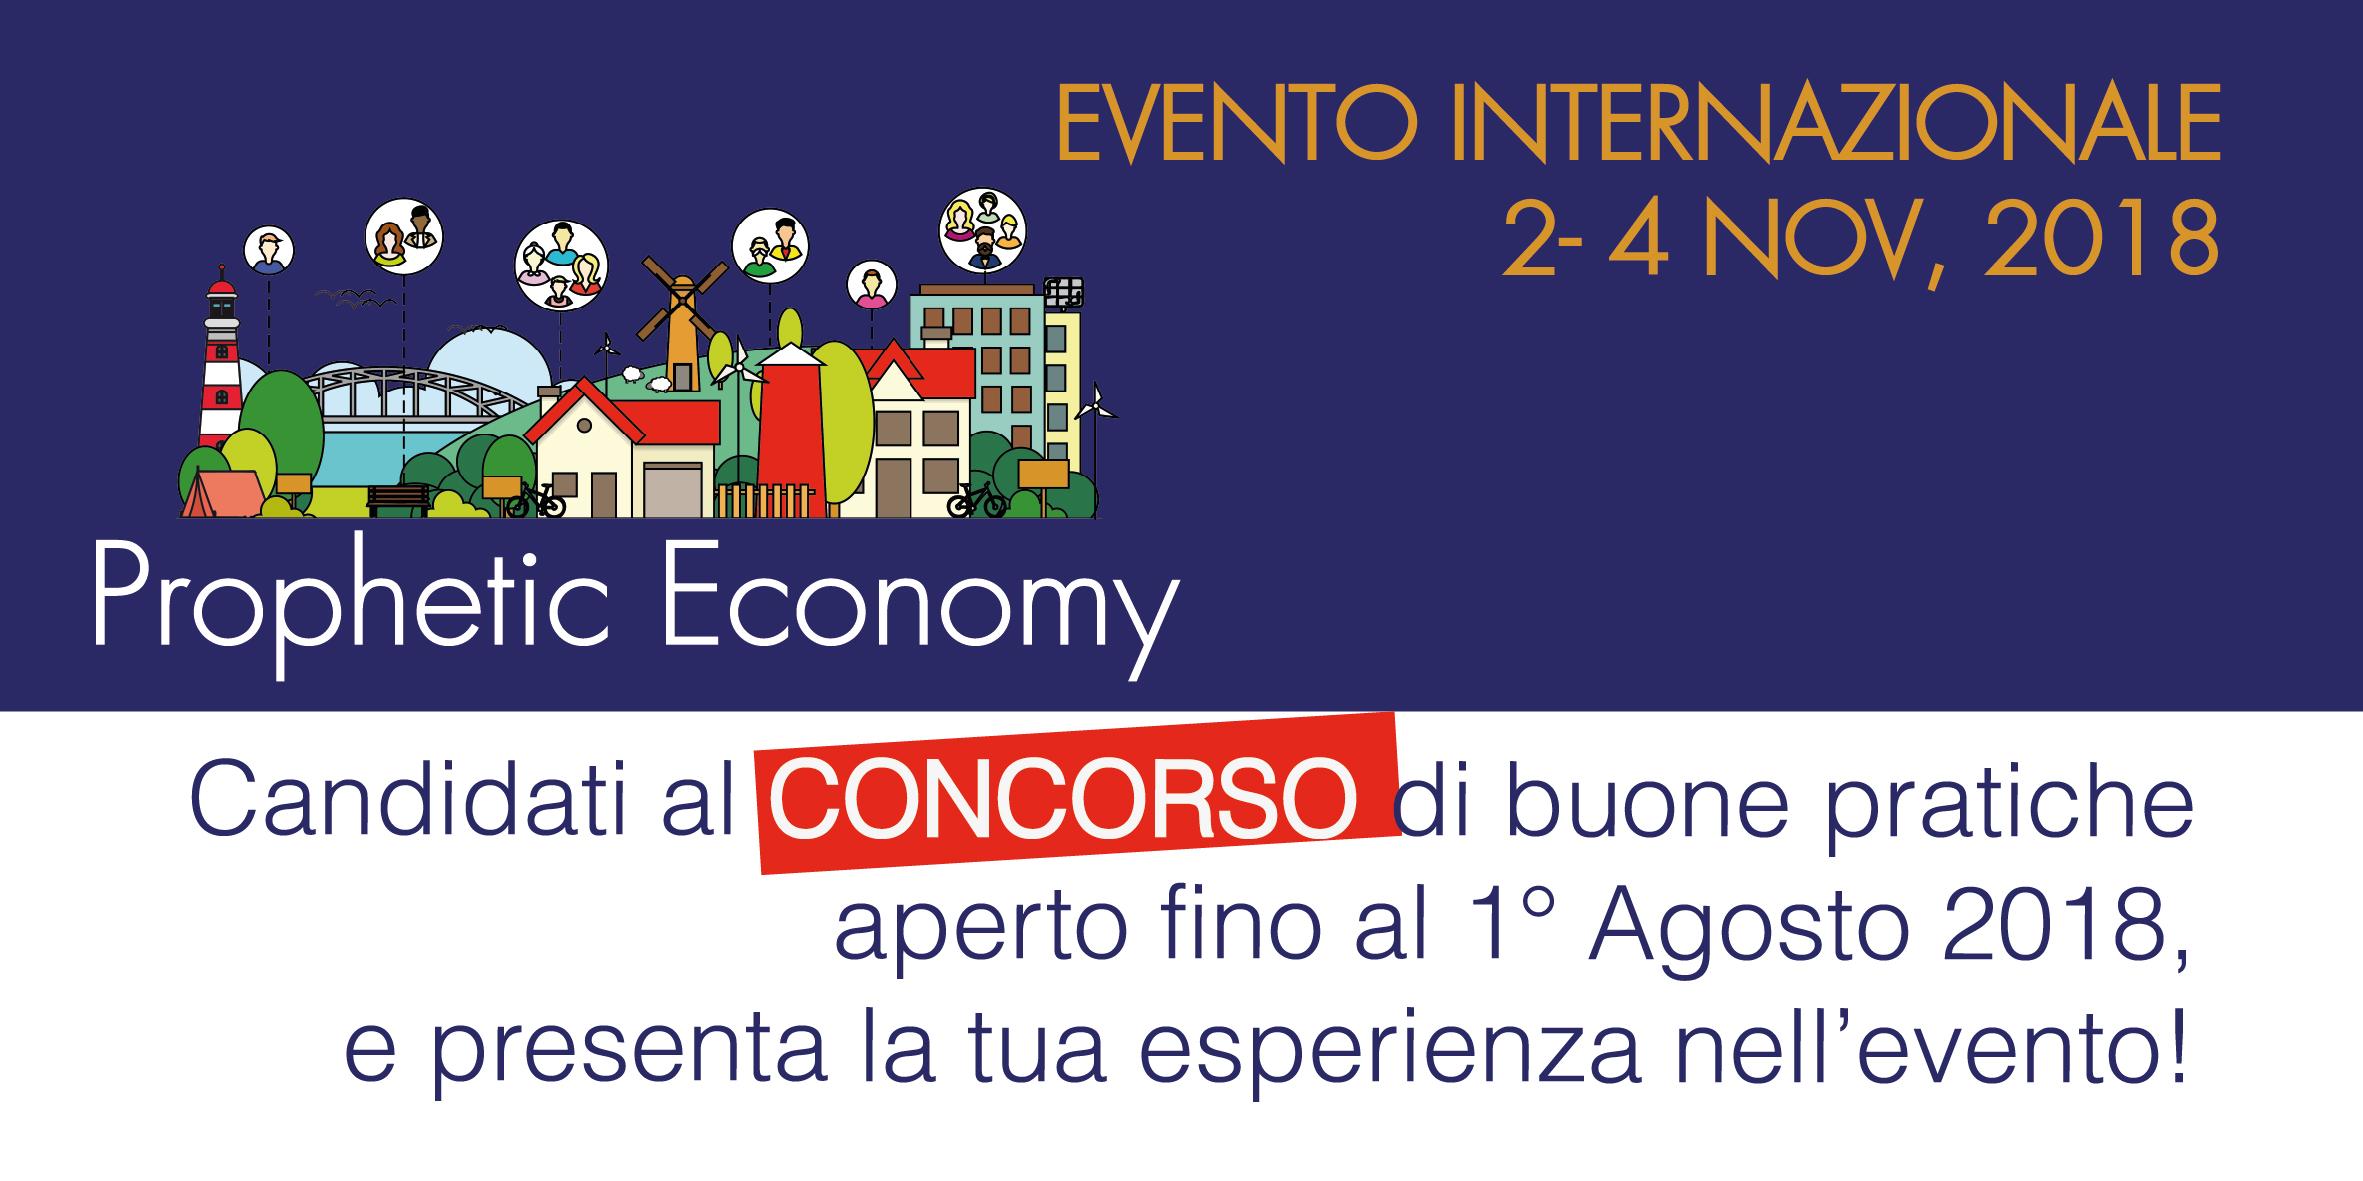 prophetic economy_Banner italiano-02